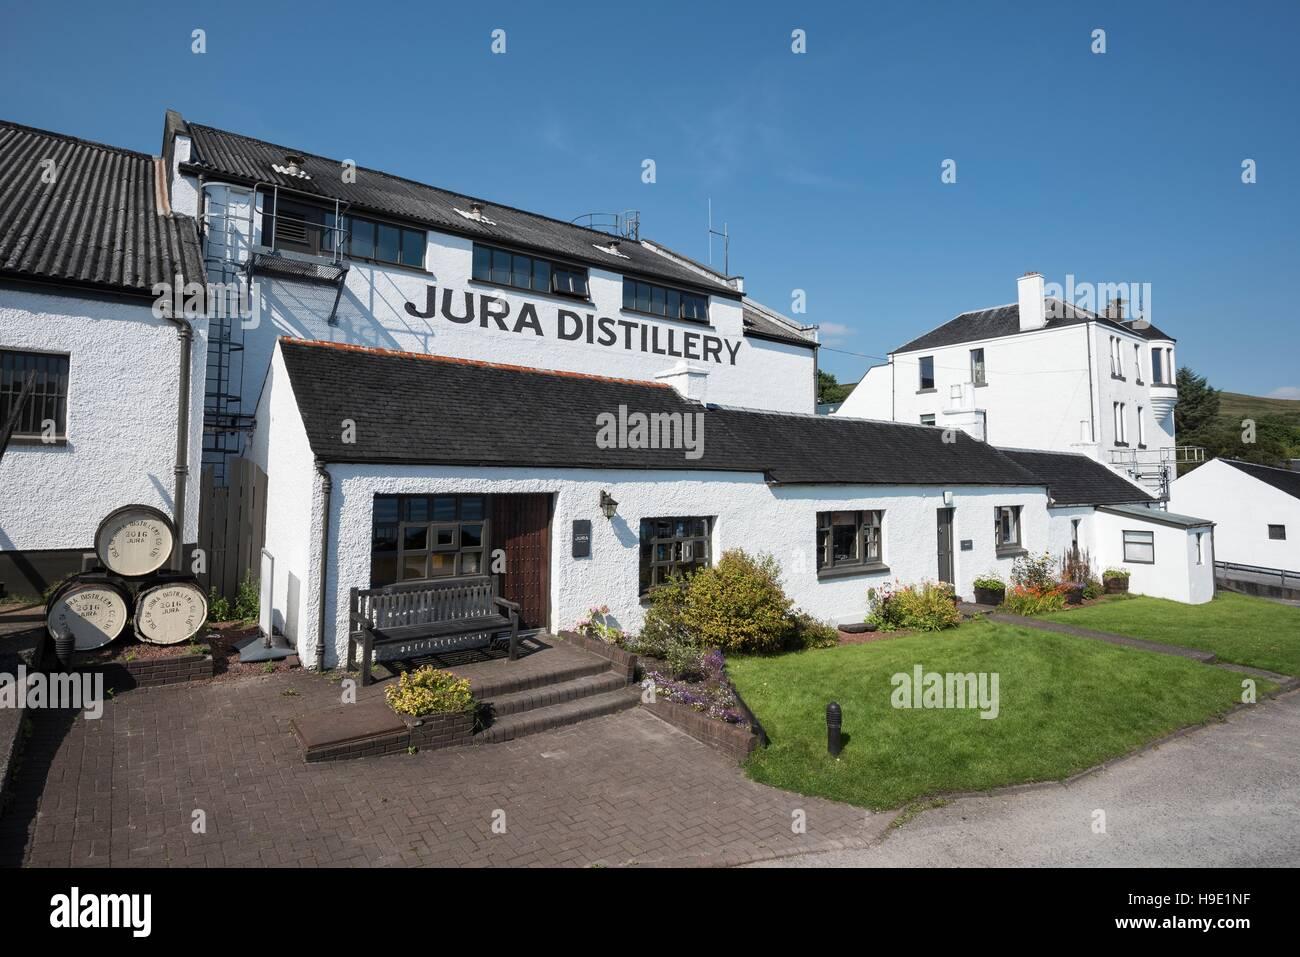 Jura whiskey distillery, Jura, Inner Hebrides, Scotland, United Kingdom - Stock Image